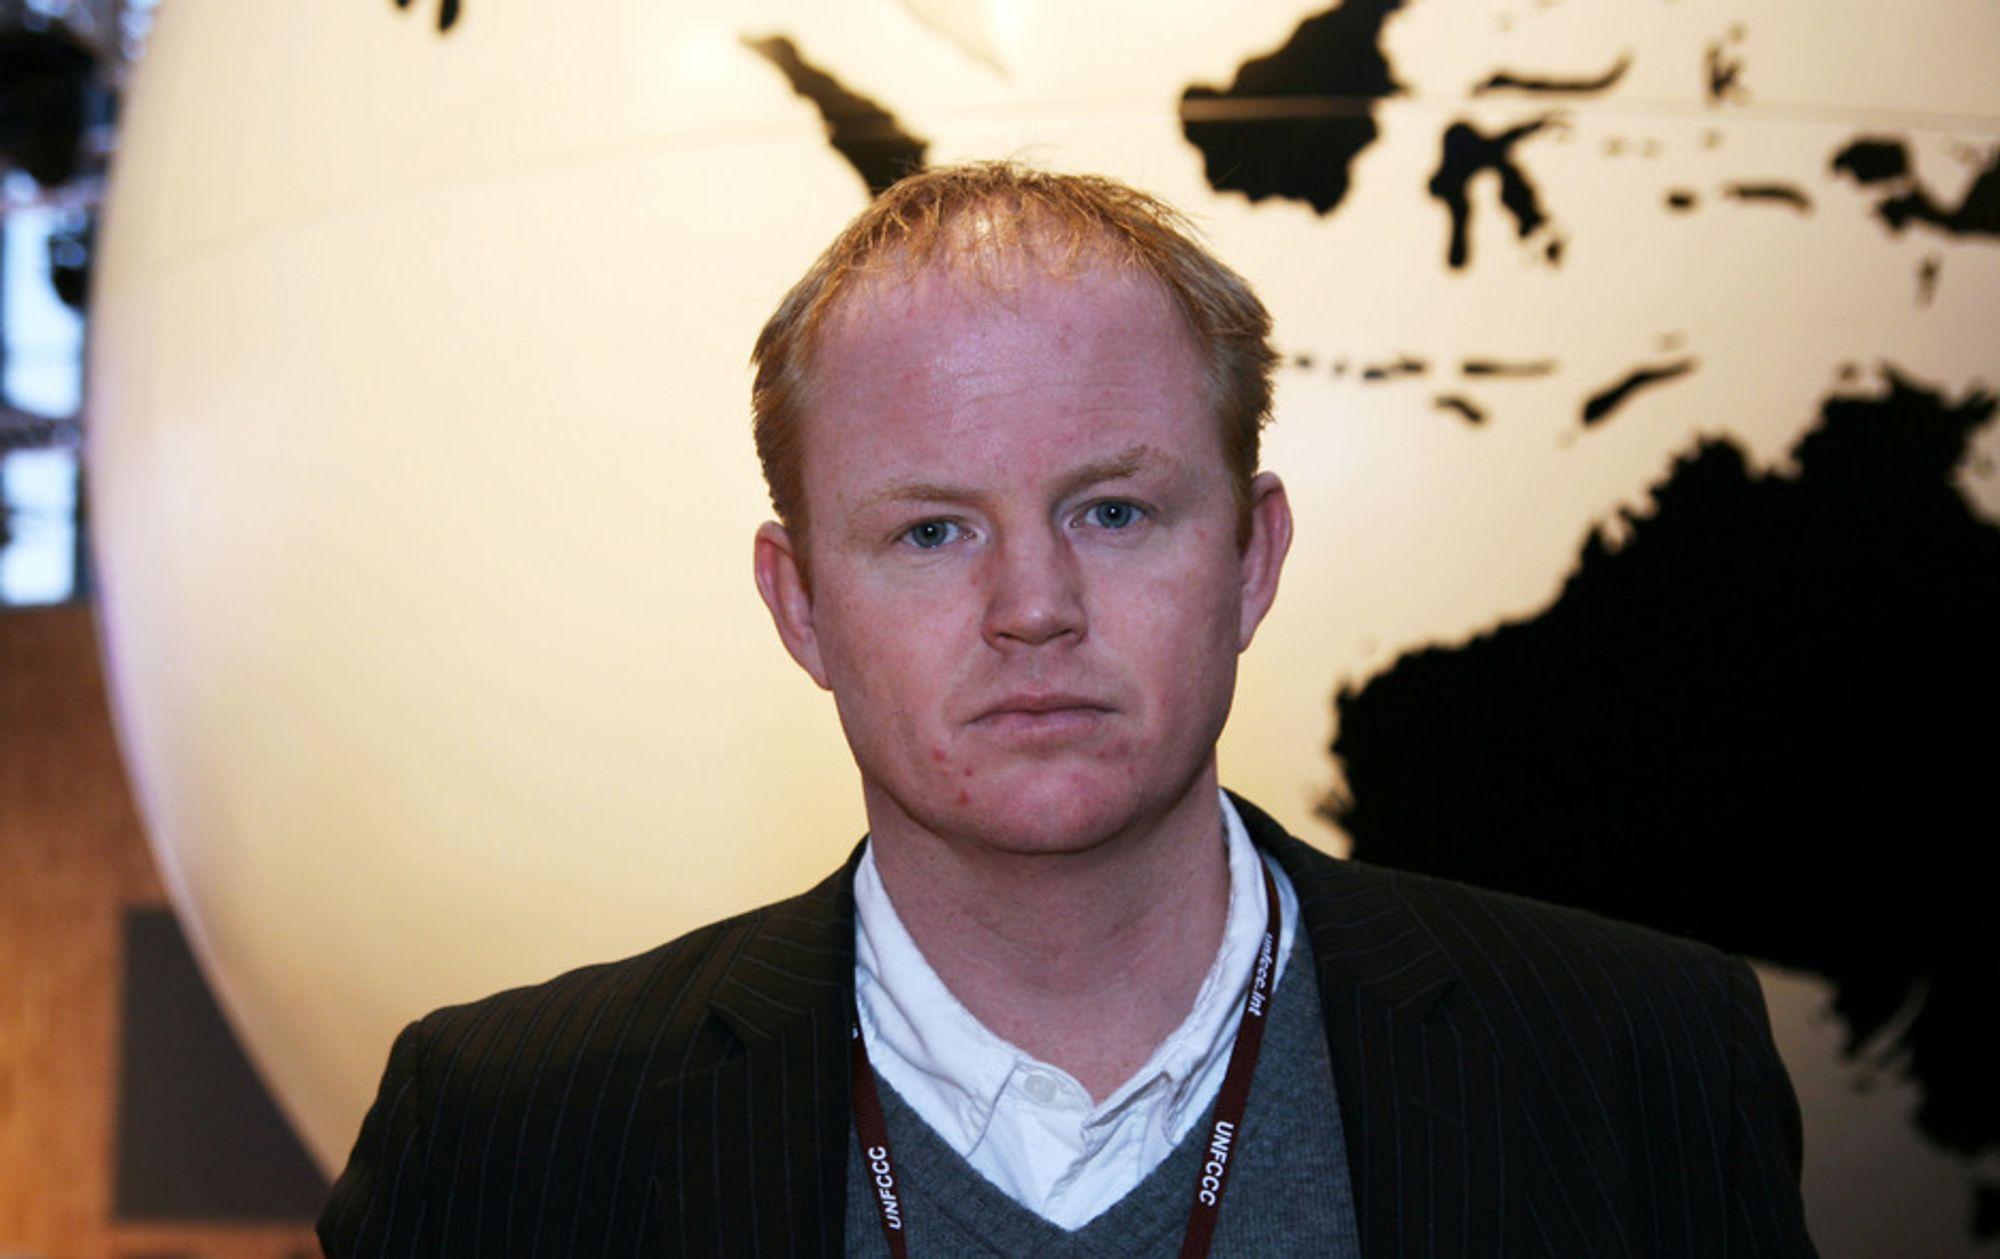 BREV TIL RIKSREVISJONEN: Før sommerferien ba Naturvernforbundets leder Lars Haltbrekken Riksrevisjonen om å undersøke Olje- og energidepartementets utlysning av forhåndsdefinerte områder (TFO).